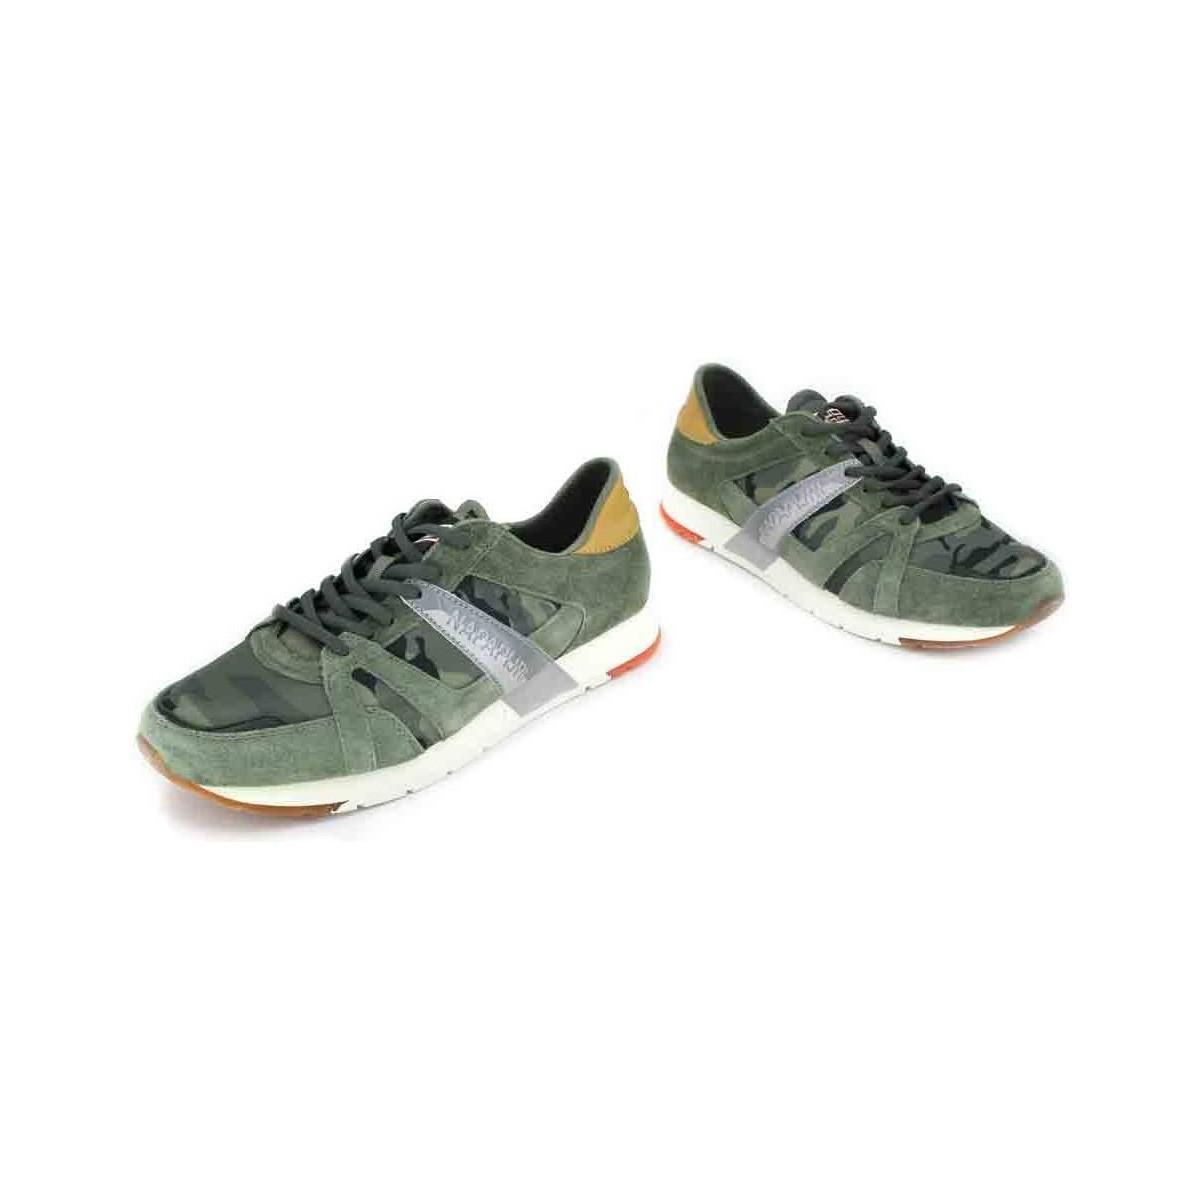 59f63470ca3 Lyst - Rabari Retro Running Sneakers de Hombre hommes Chaussures en ...